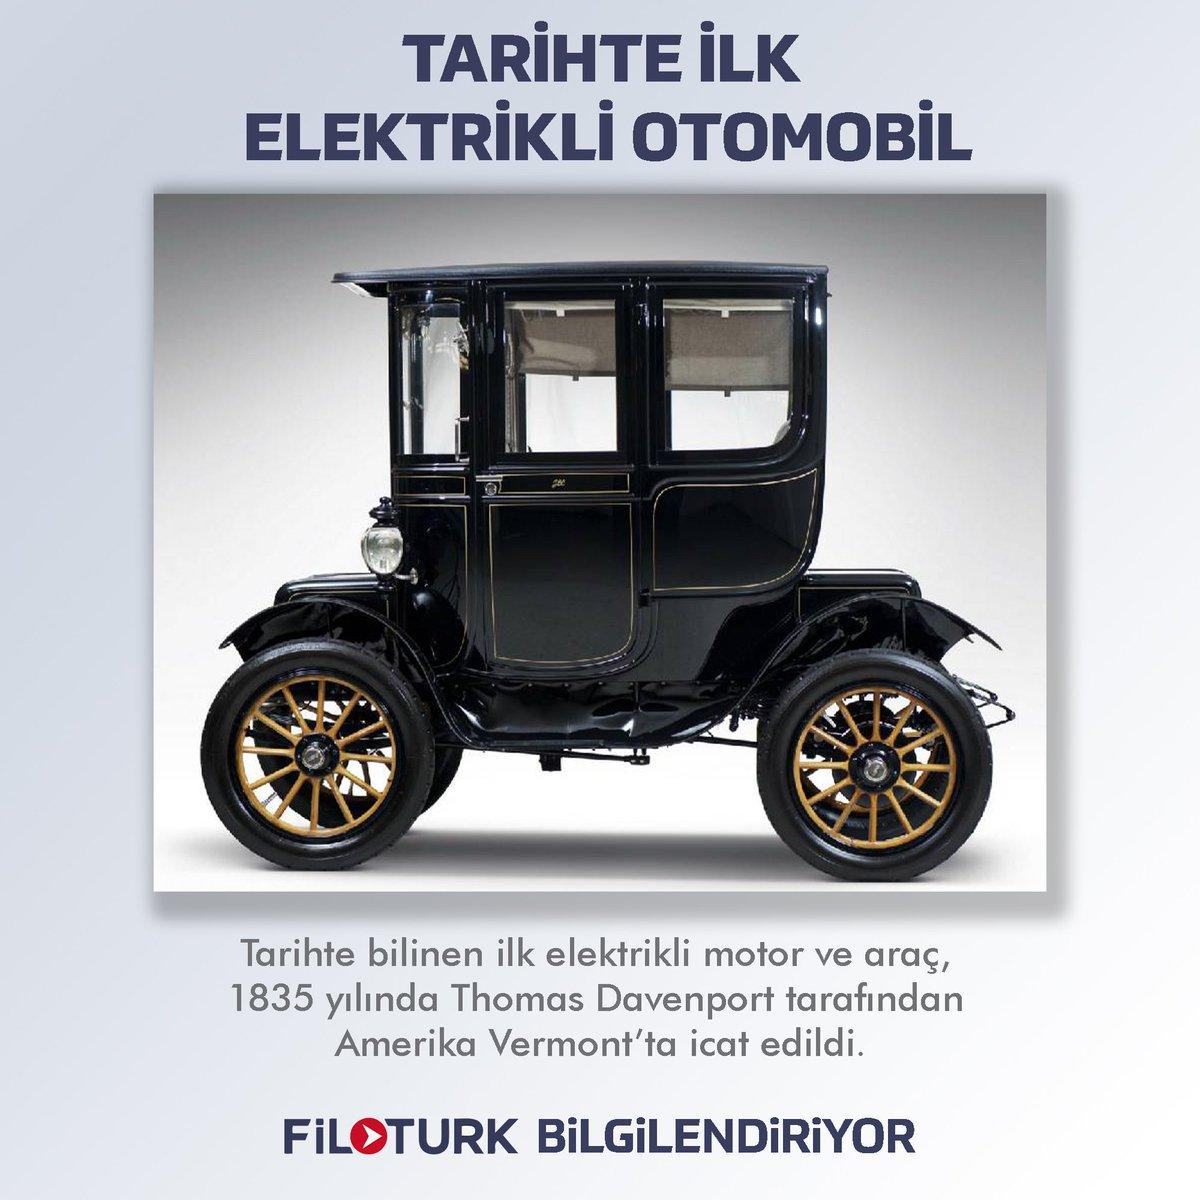 #FilotürkBilgilendiriyor Tarihte bilinen ilk elektrikli motor ve araç, 1835 yılında Thomas Davenport tarafından icat  edilmiştir. 🚛📣🚛 💻  ☎ +90 (342) 337 16 16 📩 info@filoturk.net ▫ #Filotürk #Rental #Treyler #Filotürknet #Filo #Rent